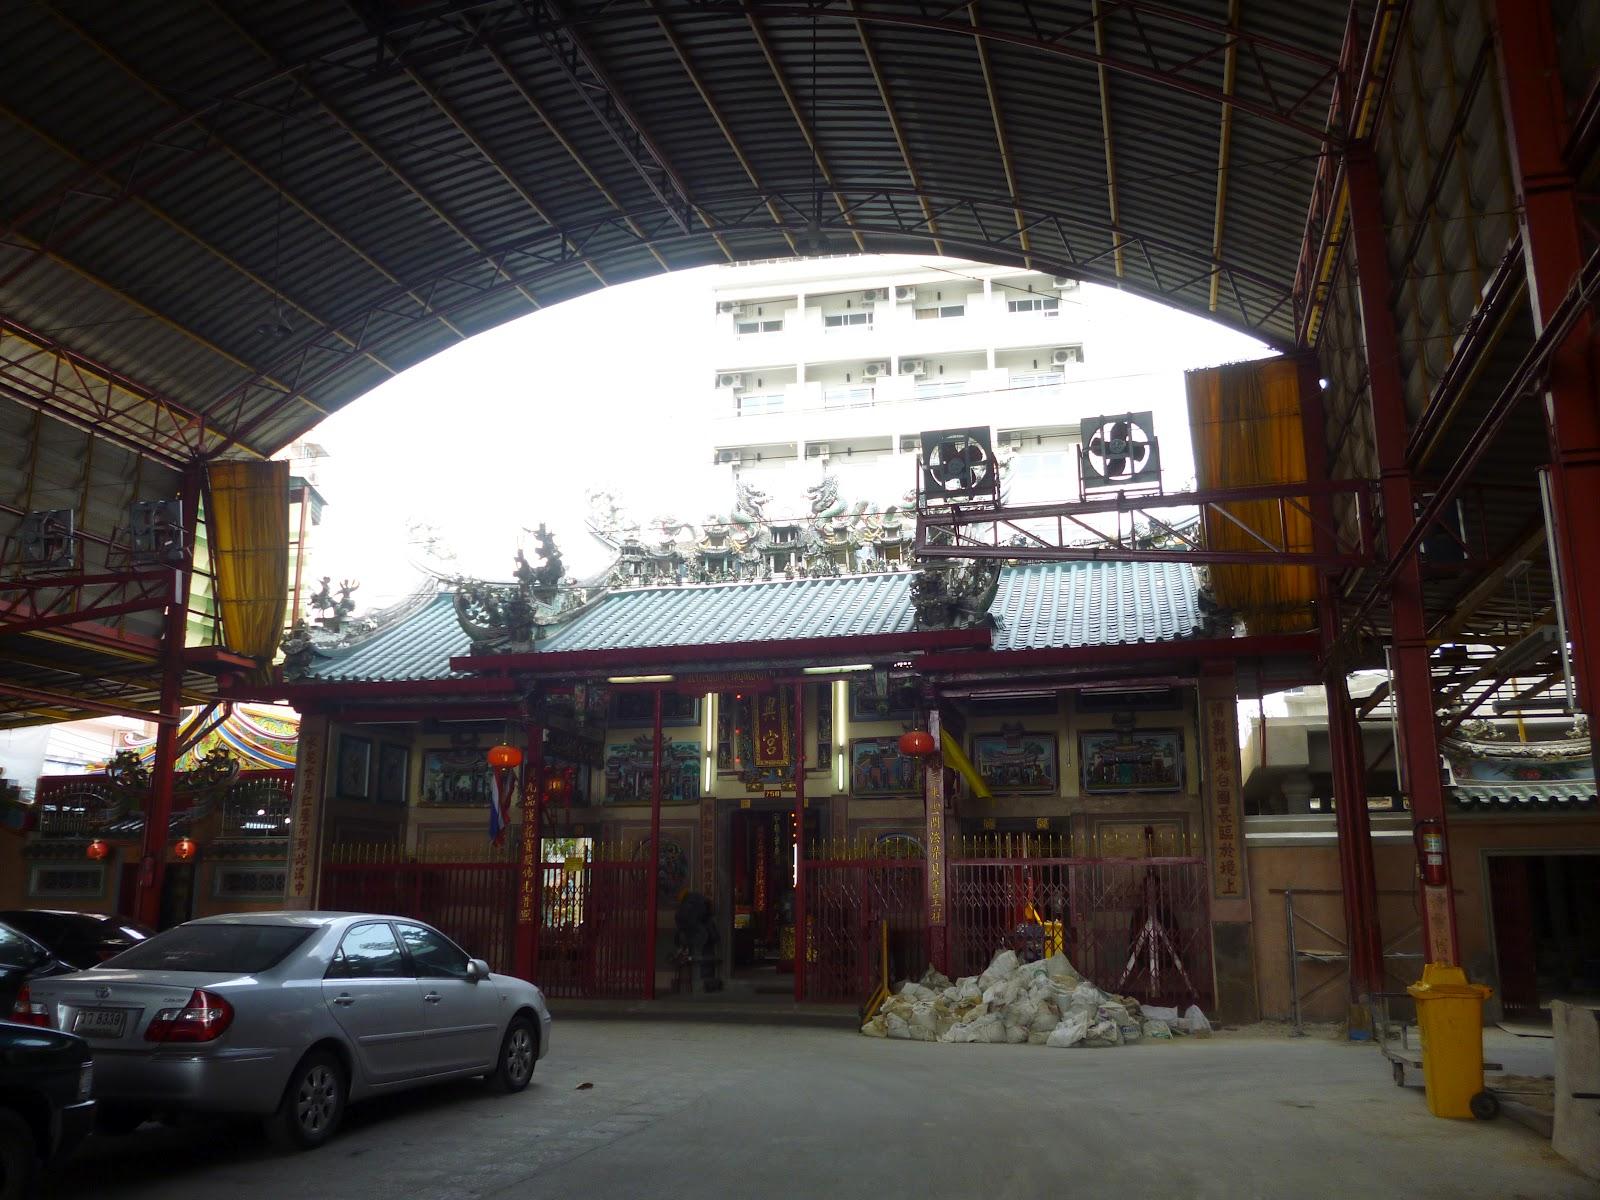 Mamá, estamos bien: Bangkok, entre Chinatown y Little India